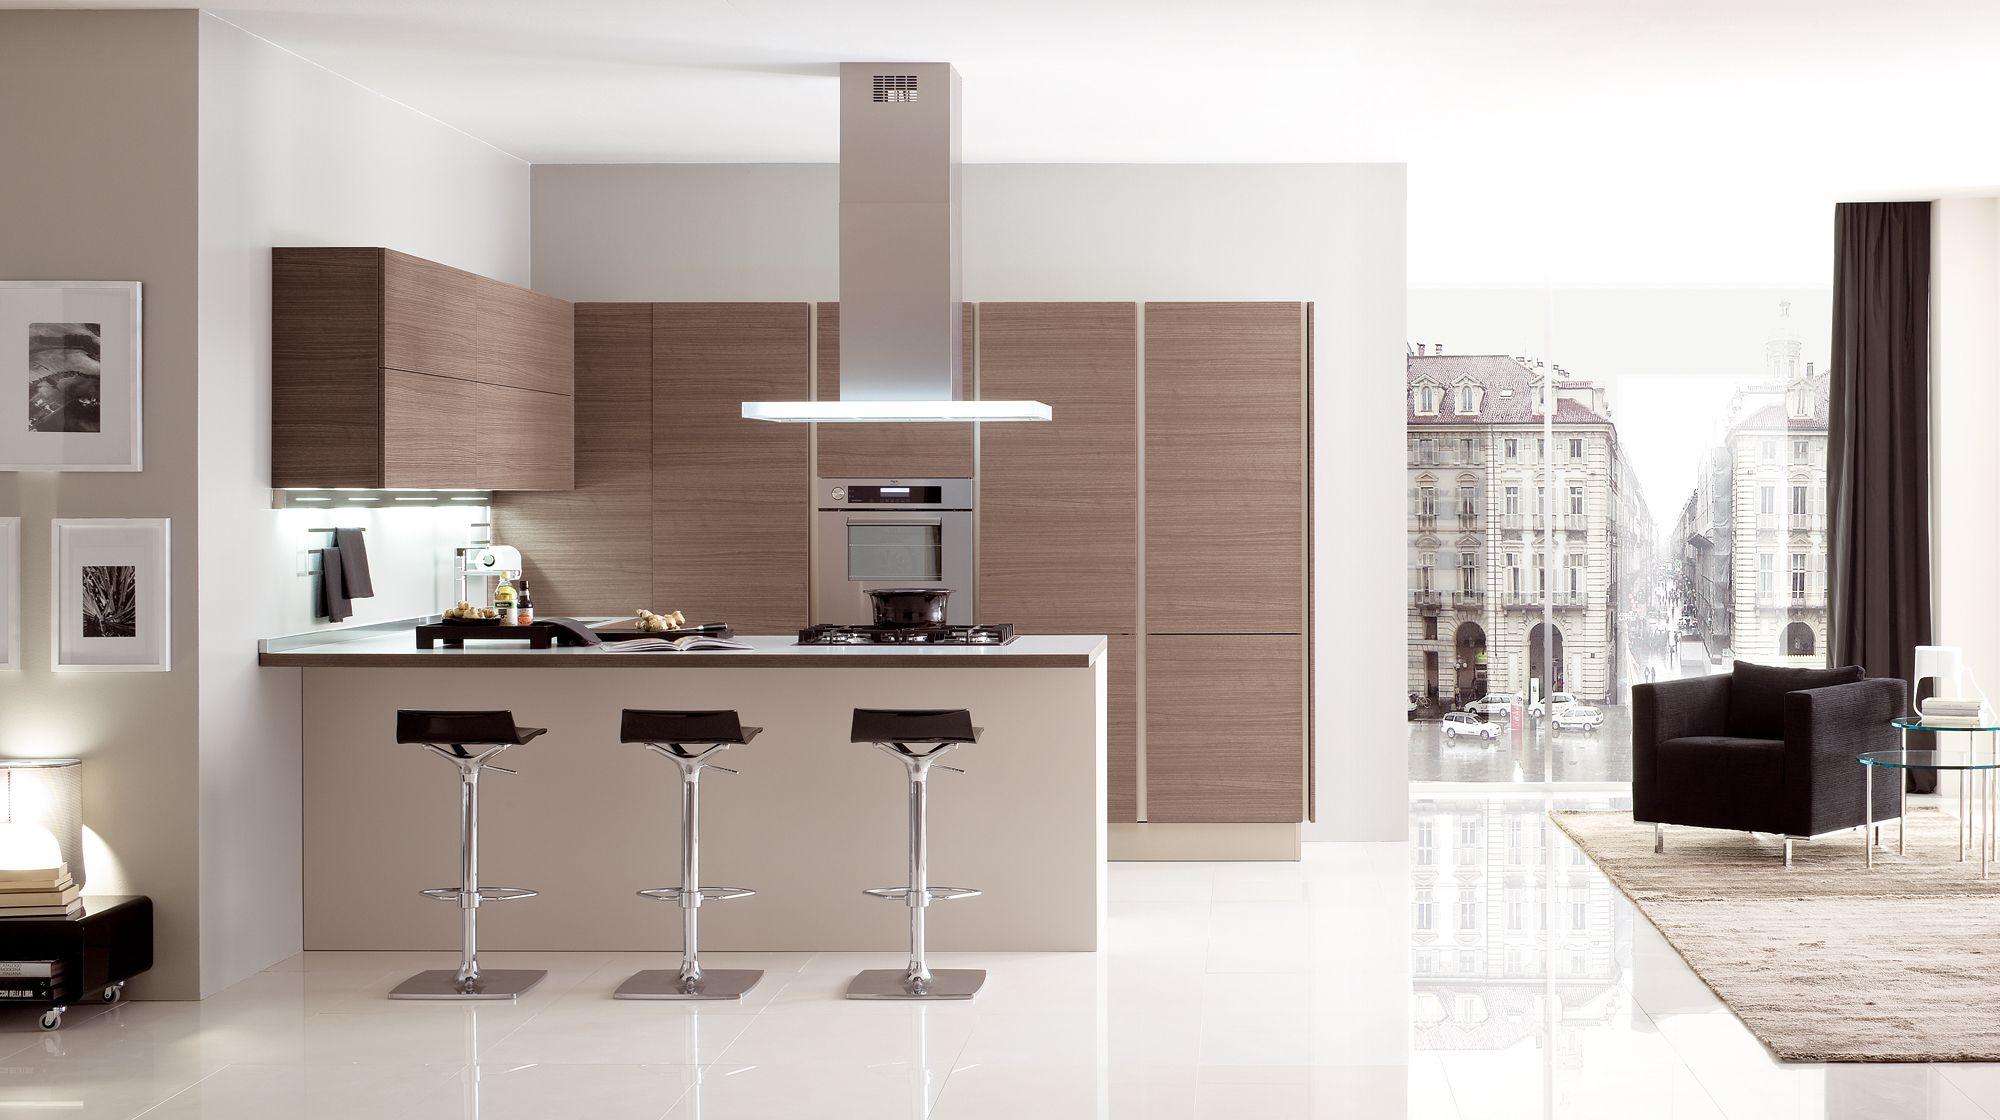 Veneta Cucine  Modern Kitchen Cabinets  Oyster Decor